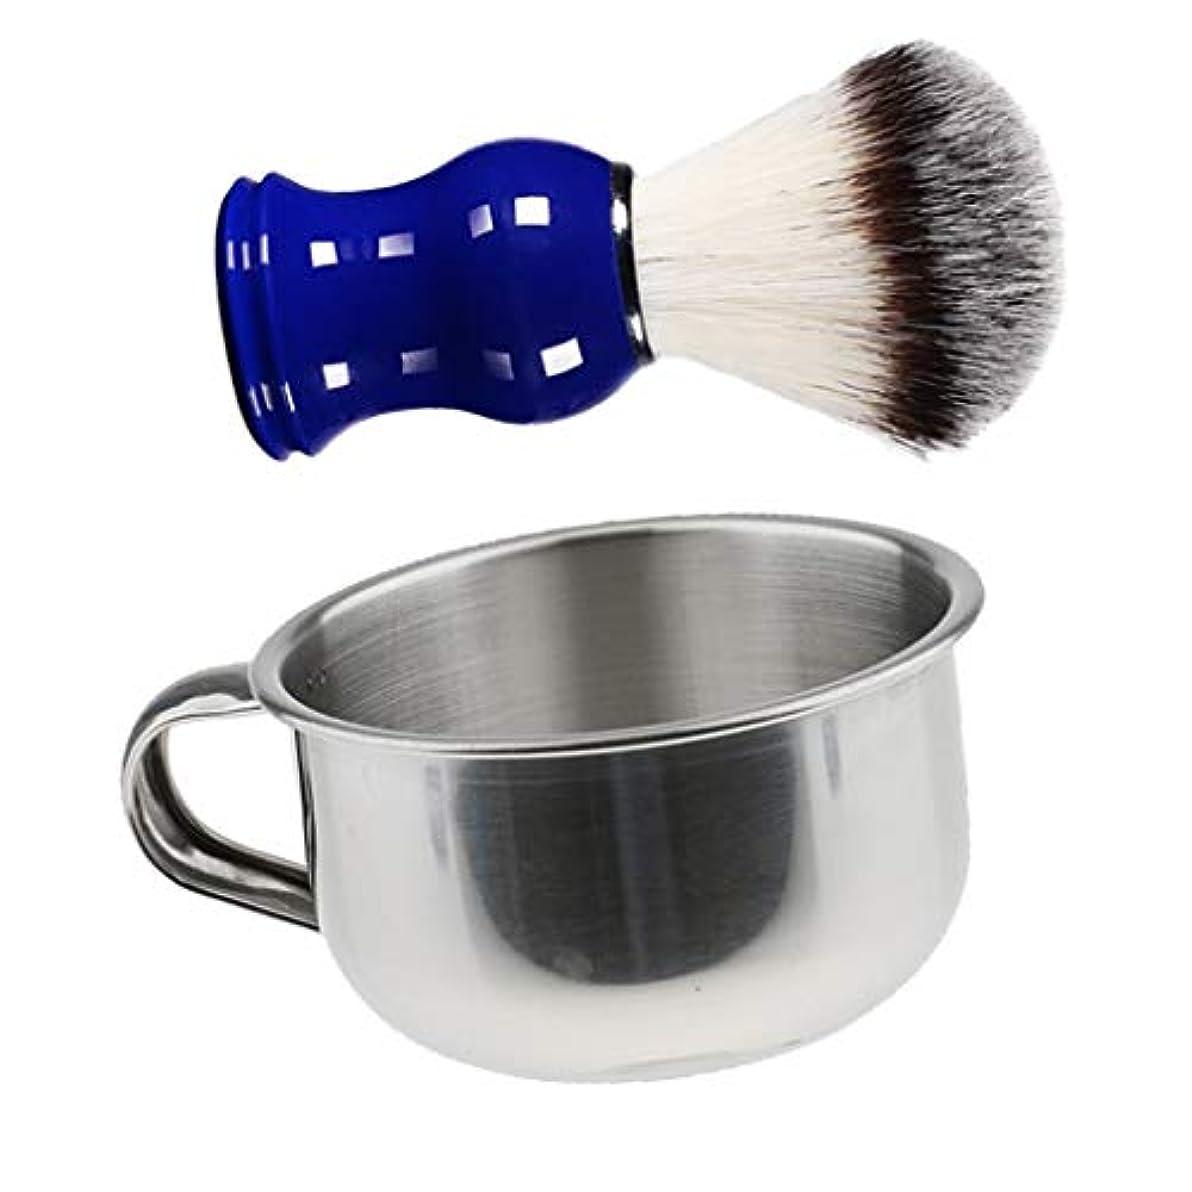 腹絶滅こするメンズ シェービング マグ ボウル カップ ステンレス製 シェービング用ブラシ 理容 洗顔 髭剃り